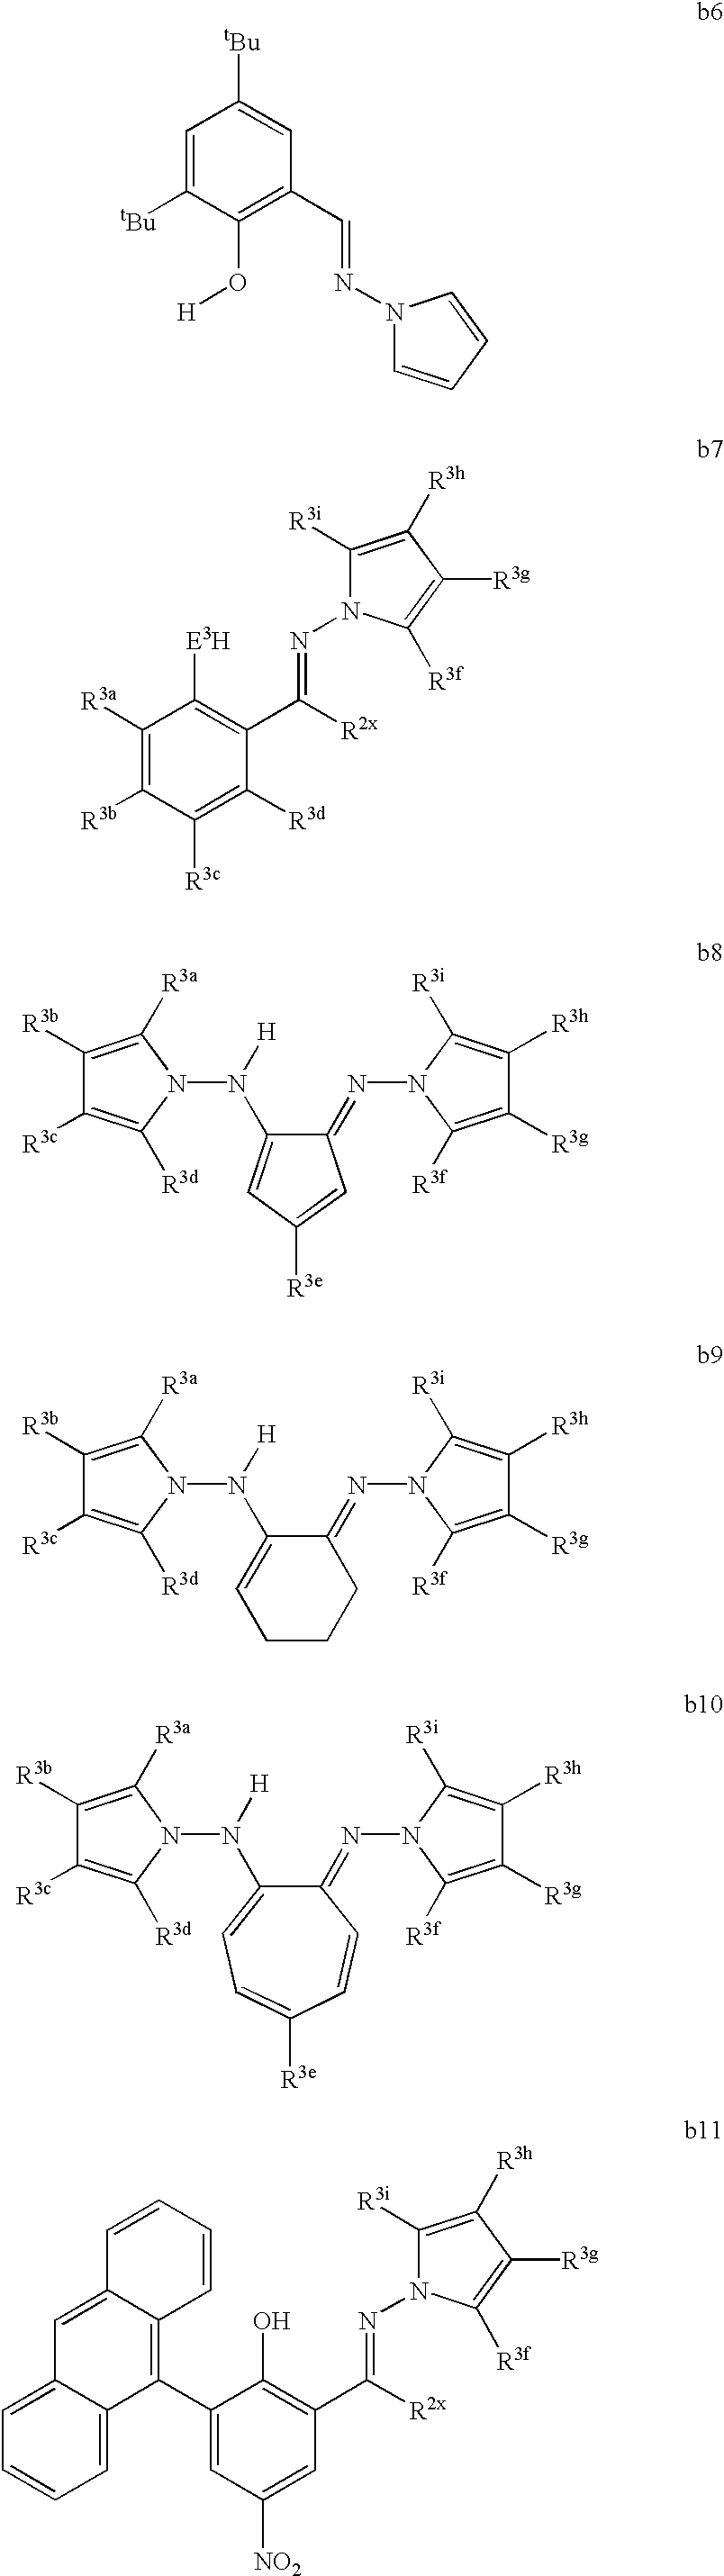 Figure US06545108-20030408-C00016